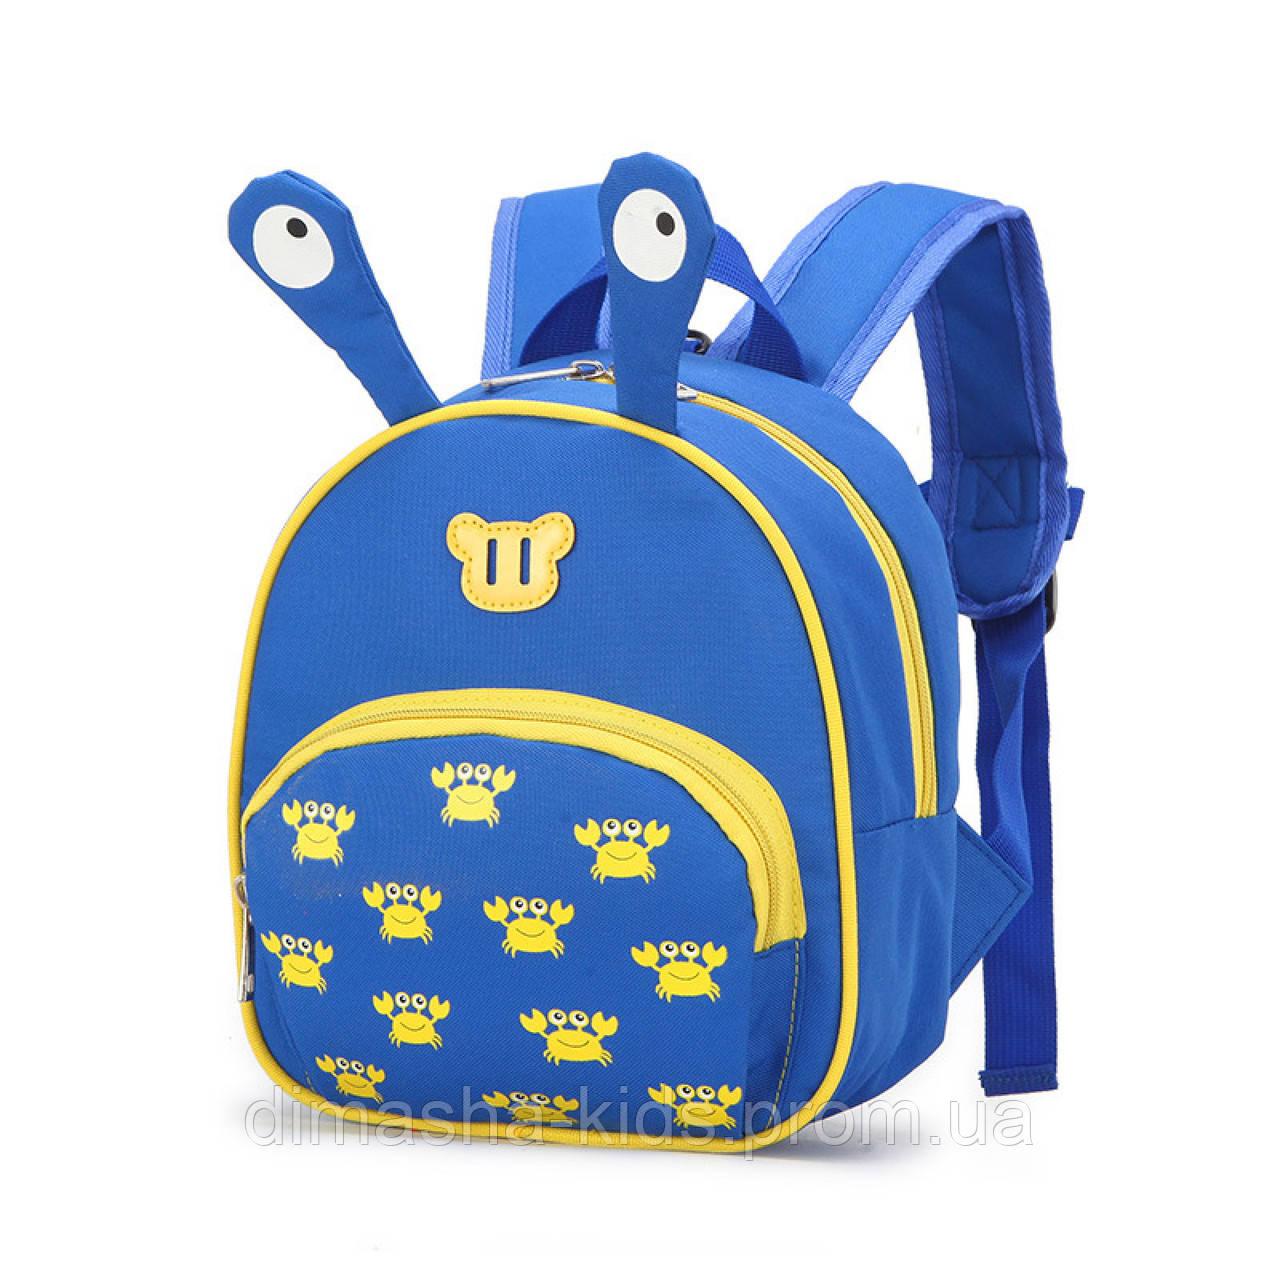 318eaee6605c ✓Рюкзак дошкольный, голубой. Краб.: продажа, цена в Полтаве. сумки ...